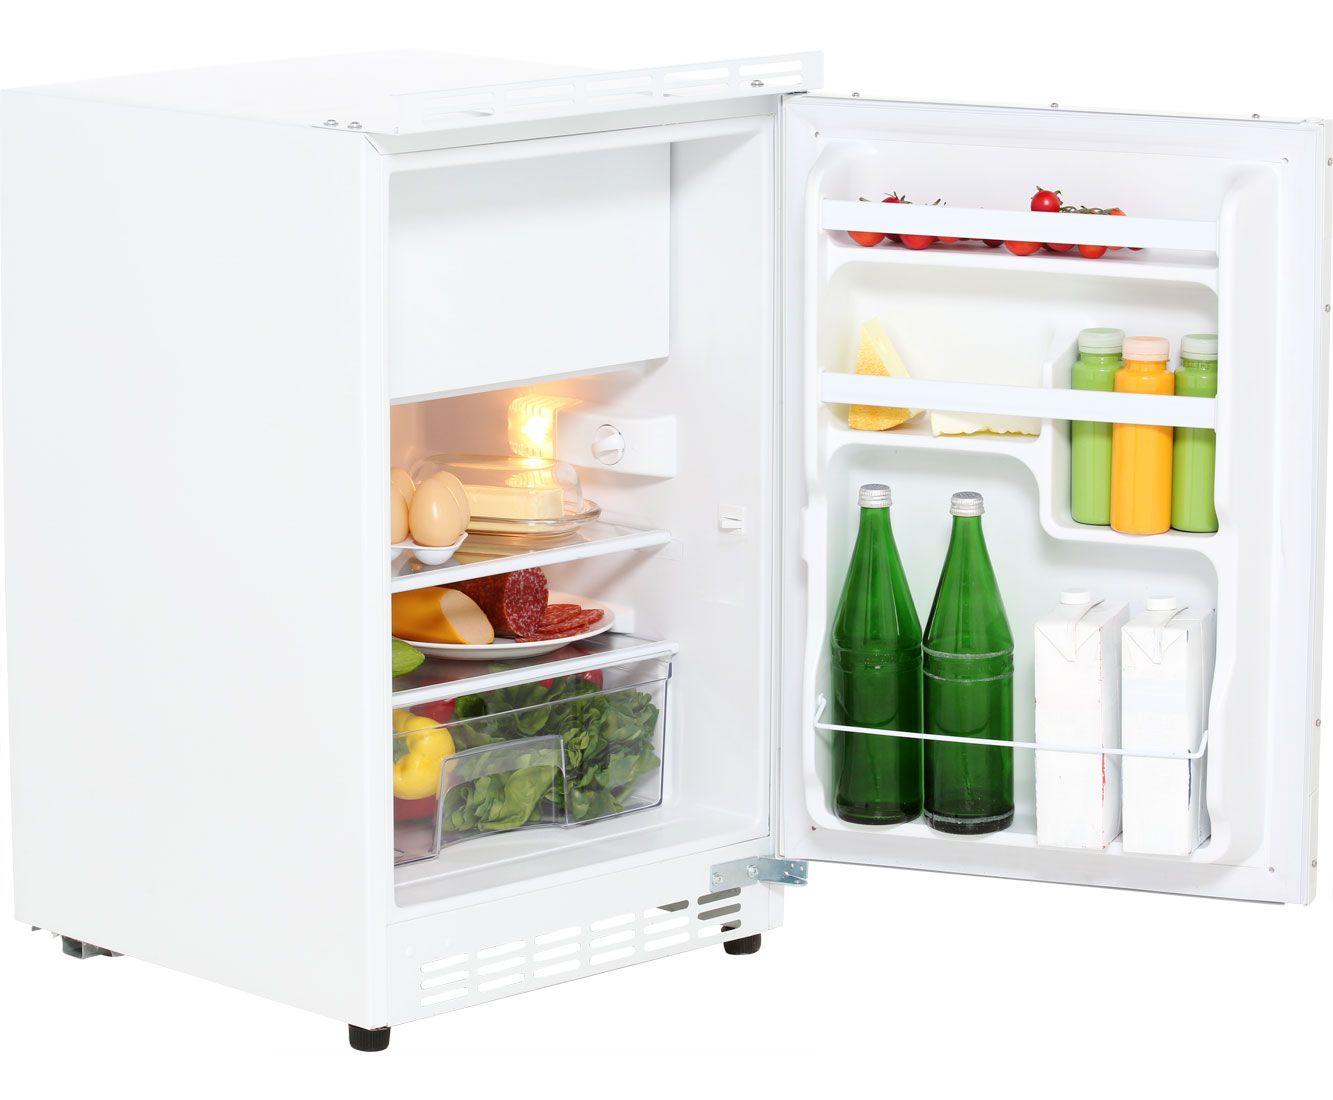 Retro Kühlschrank Notebooksbilliger : Bosch kühlschrank notebooksbilliger unterbau kühlschrank